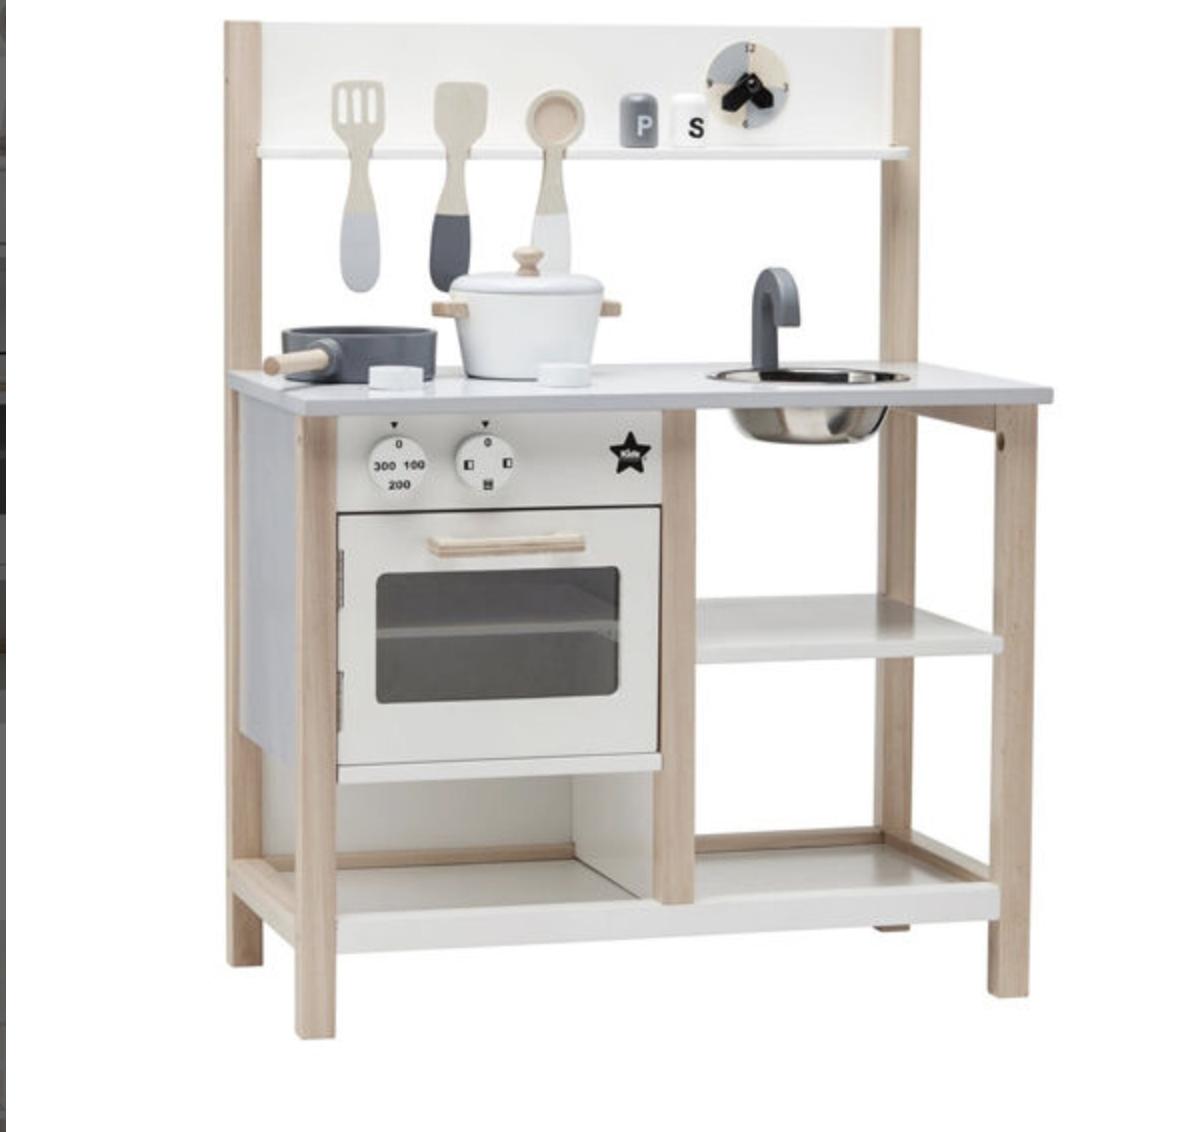 Cocina de Juguete de madera con accesorios Kids Concept